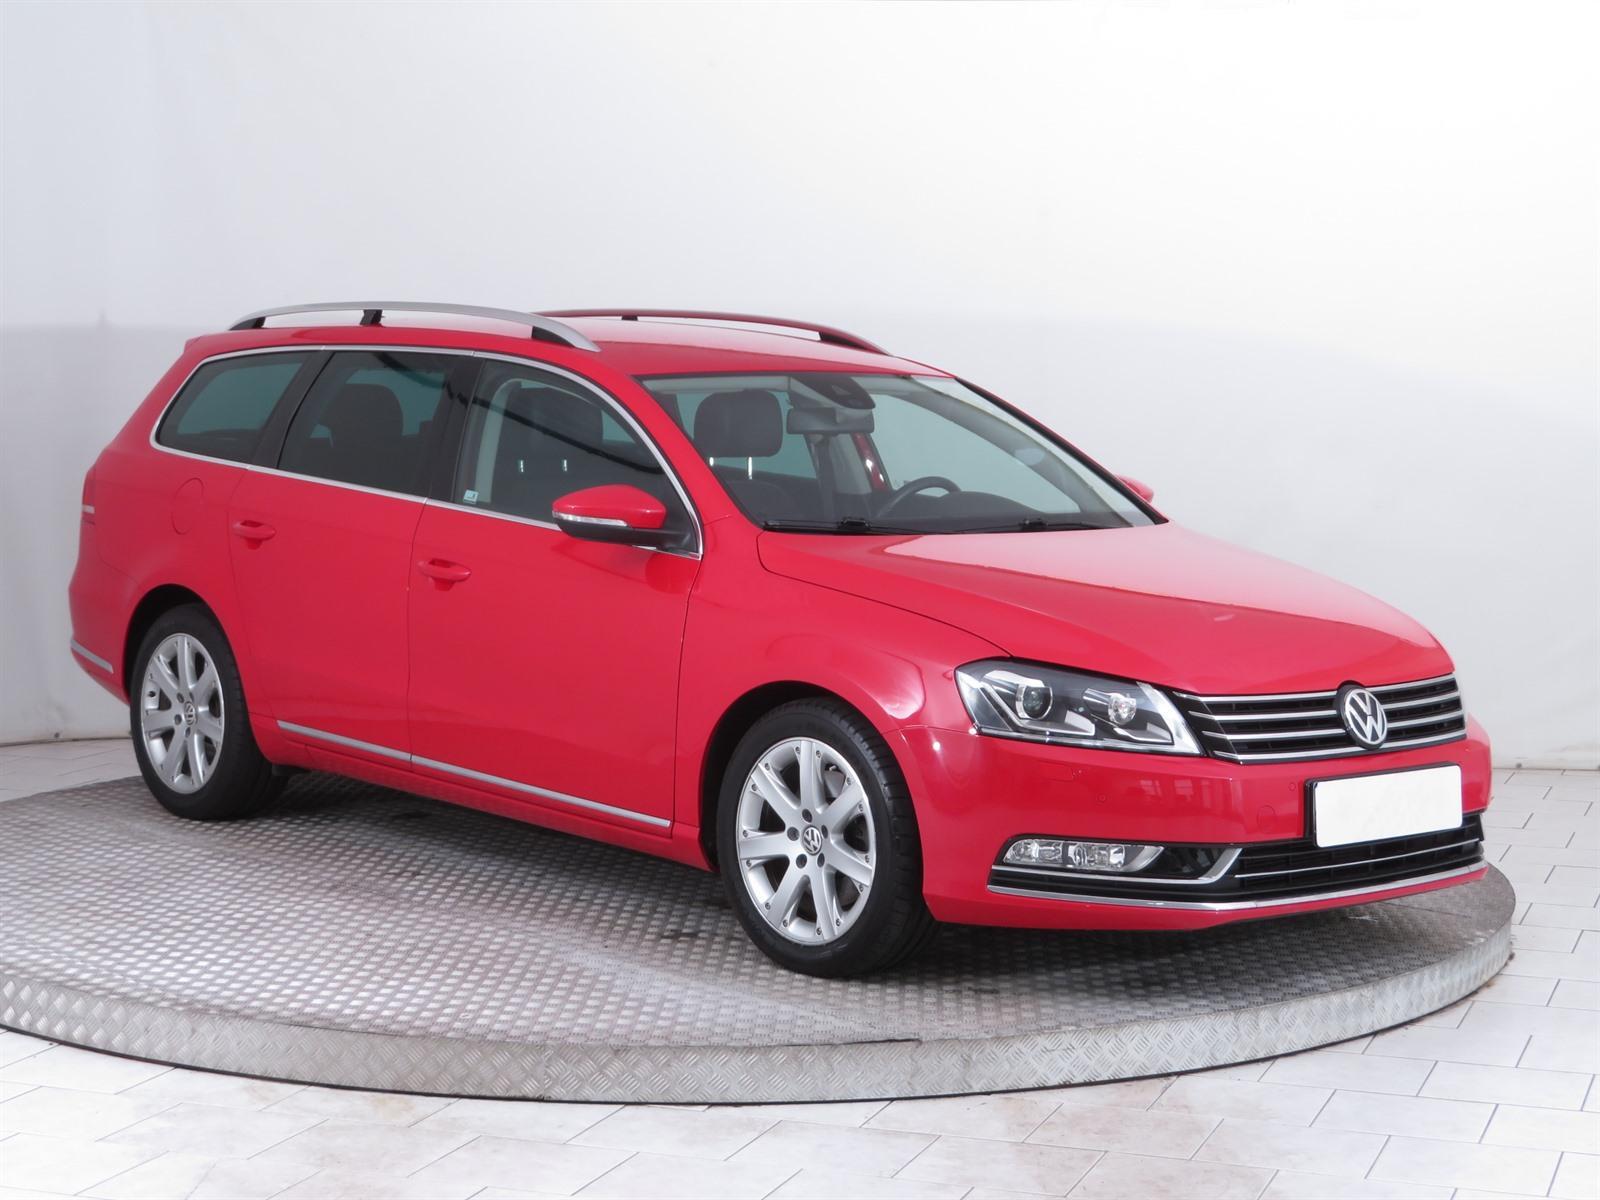 Volkswagen Passat 2.0 TDI 125kW kombi nafta